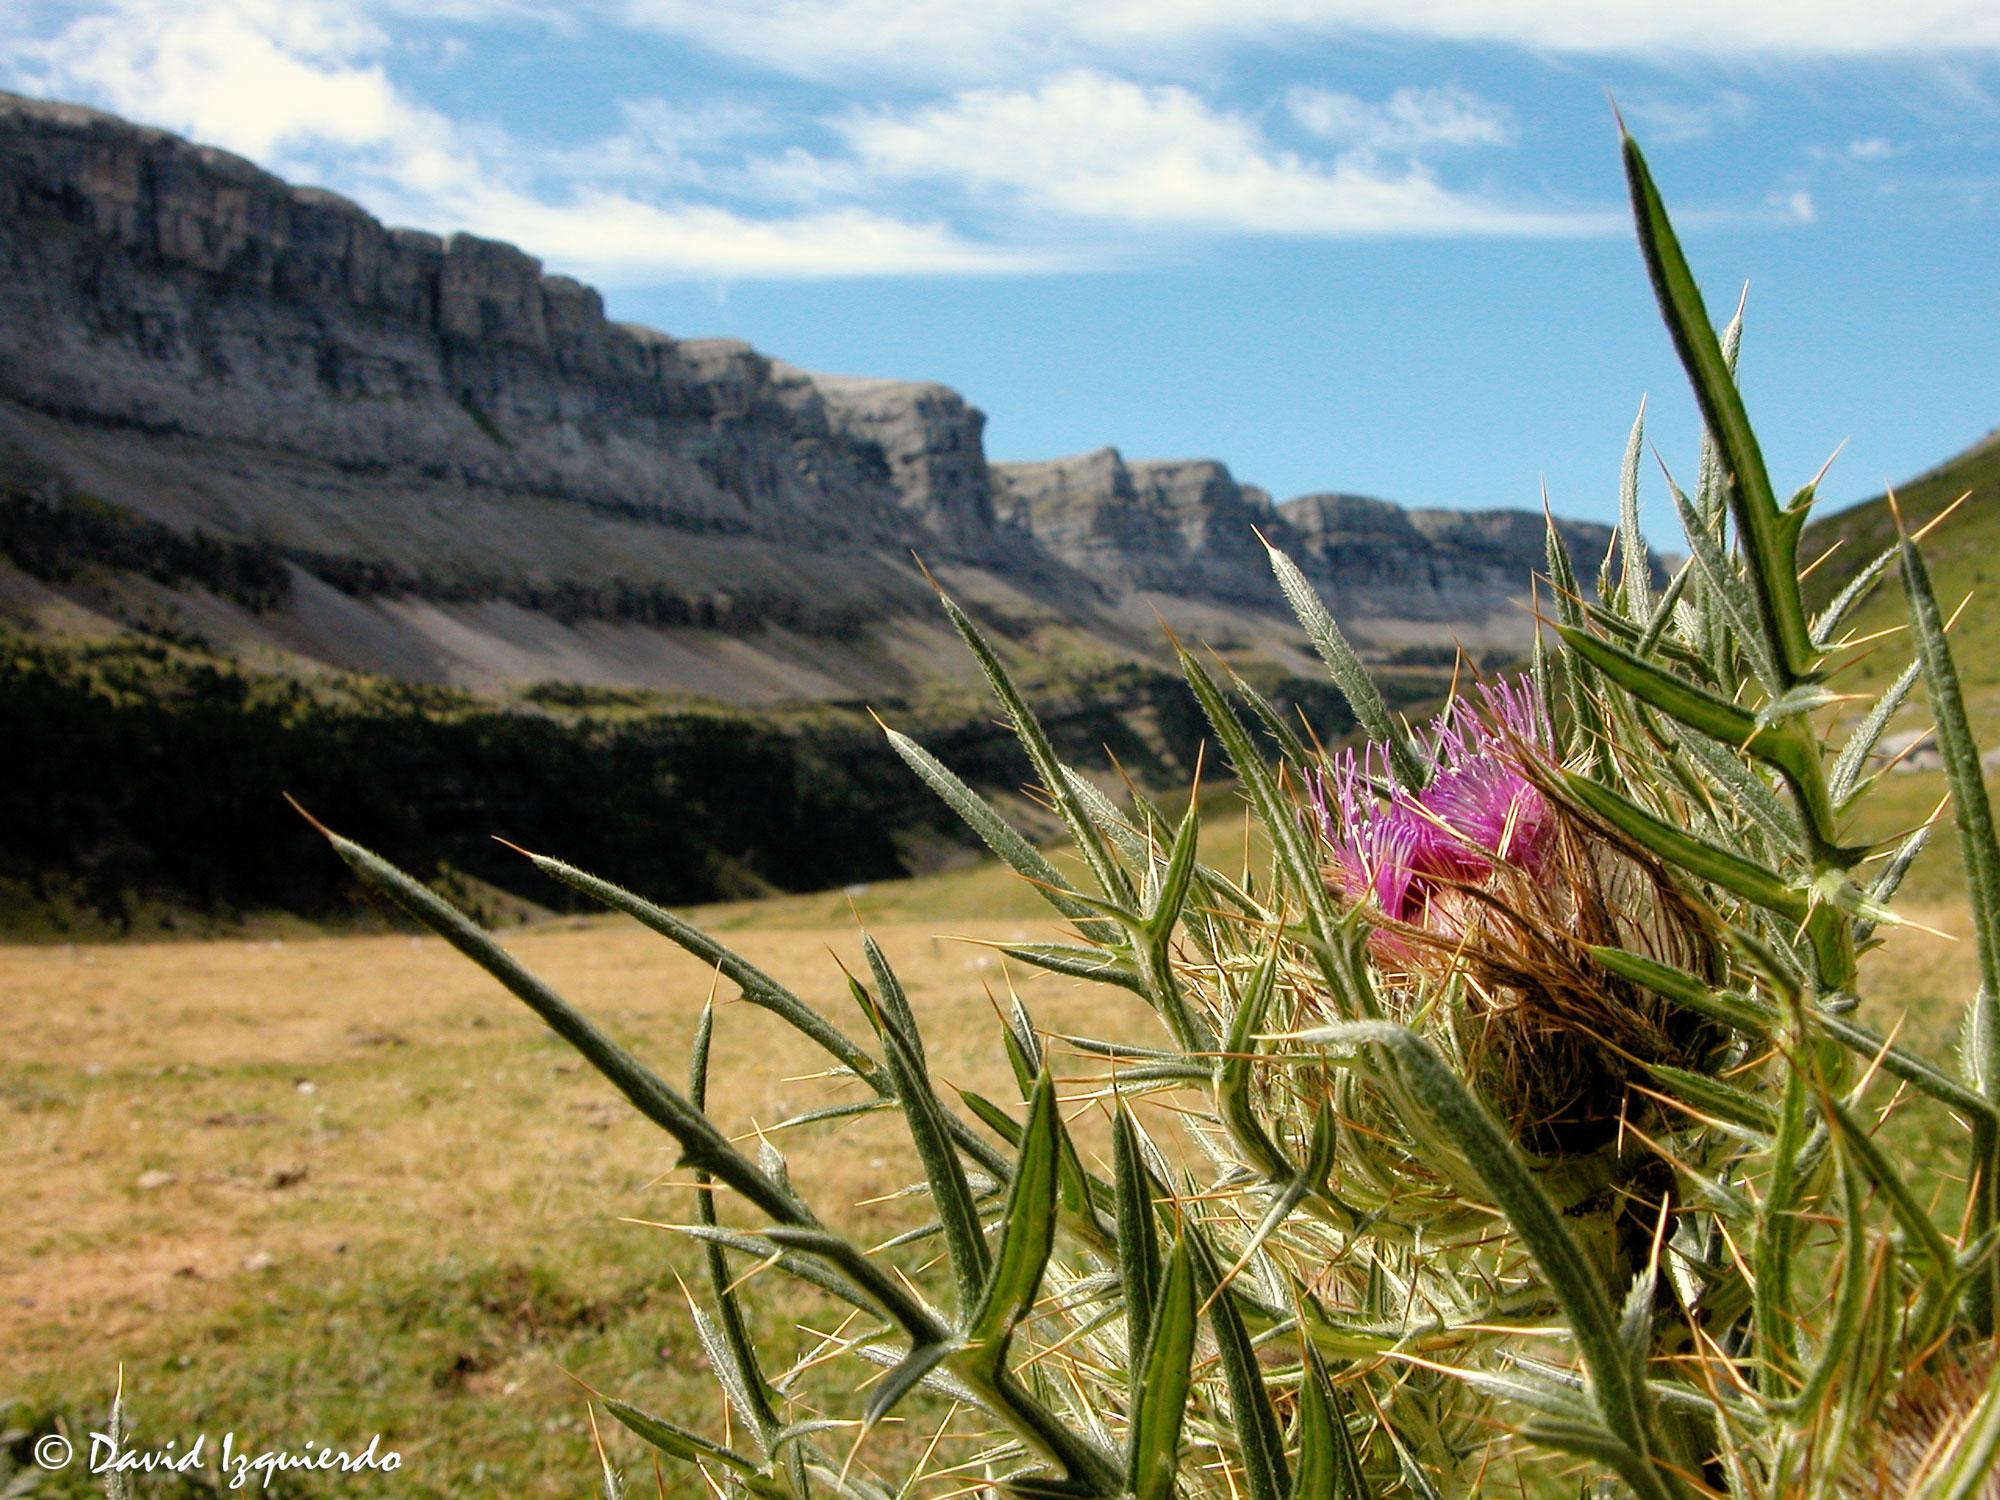 Planta y vistas del Parque de Ordesa